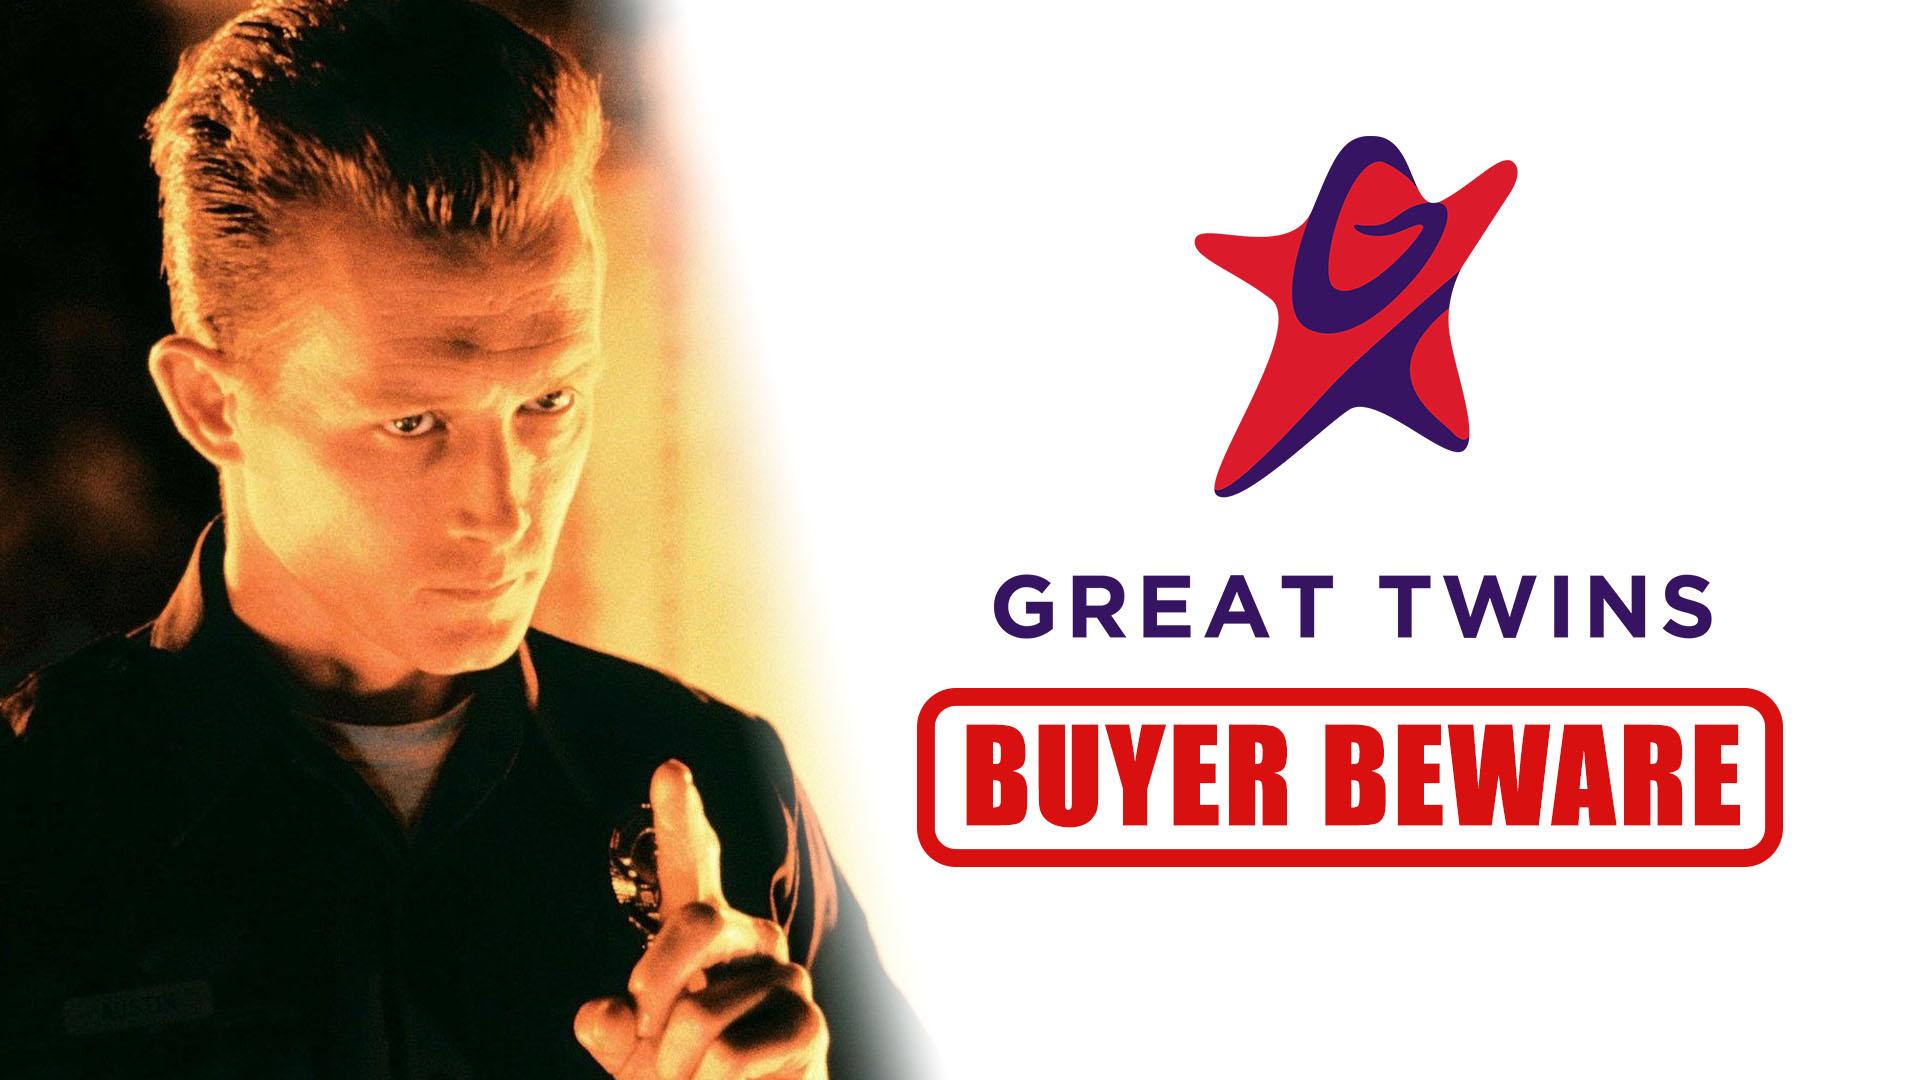 Great Twins Buyer Beware Terminator Supreme Action Figures